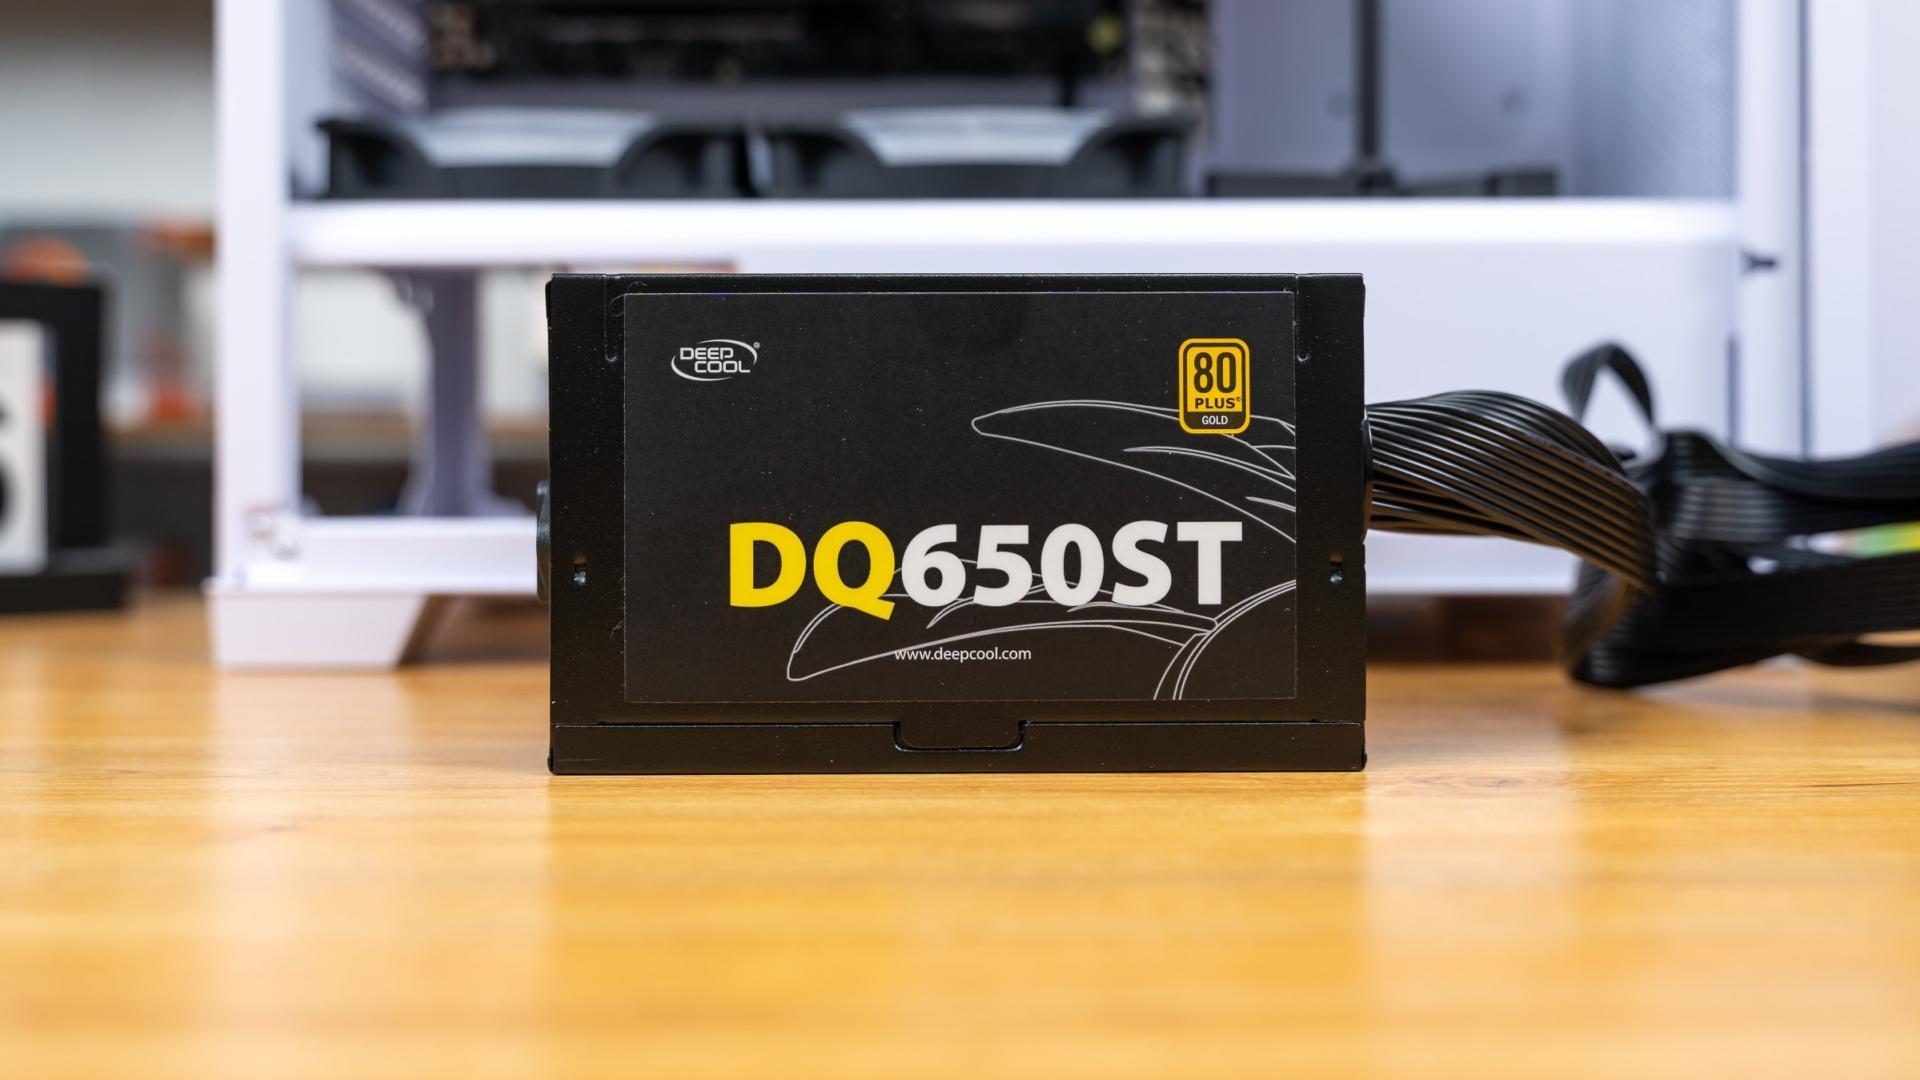 应付3070显卡,650W电源够用么?九州风神DQ650ST金牌电源 评测